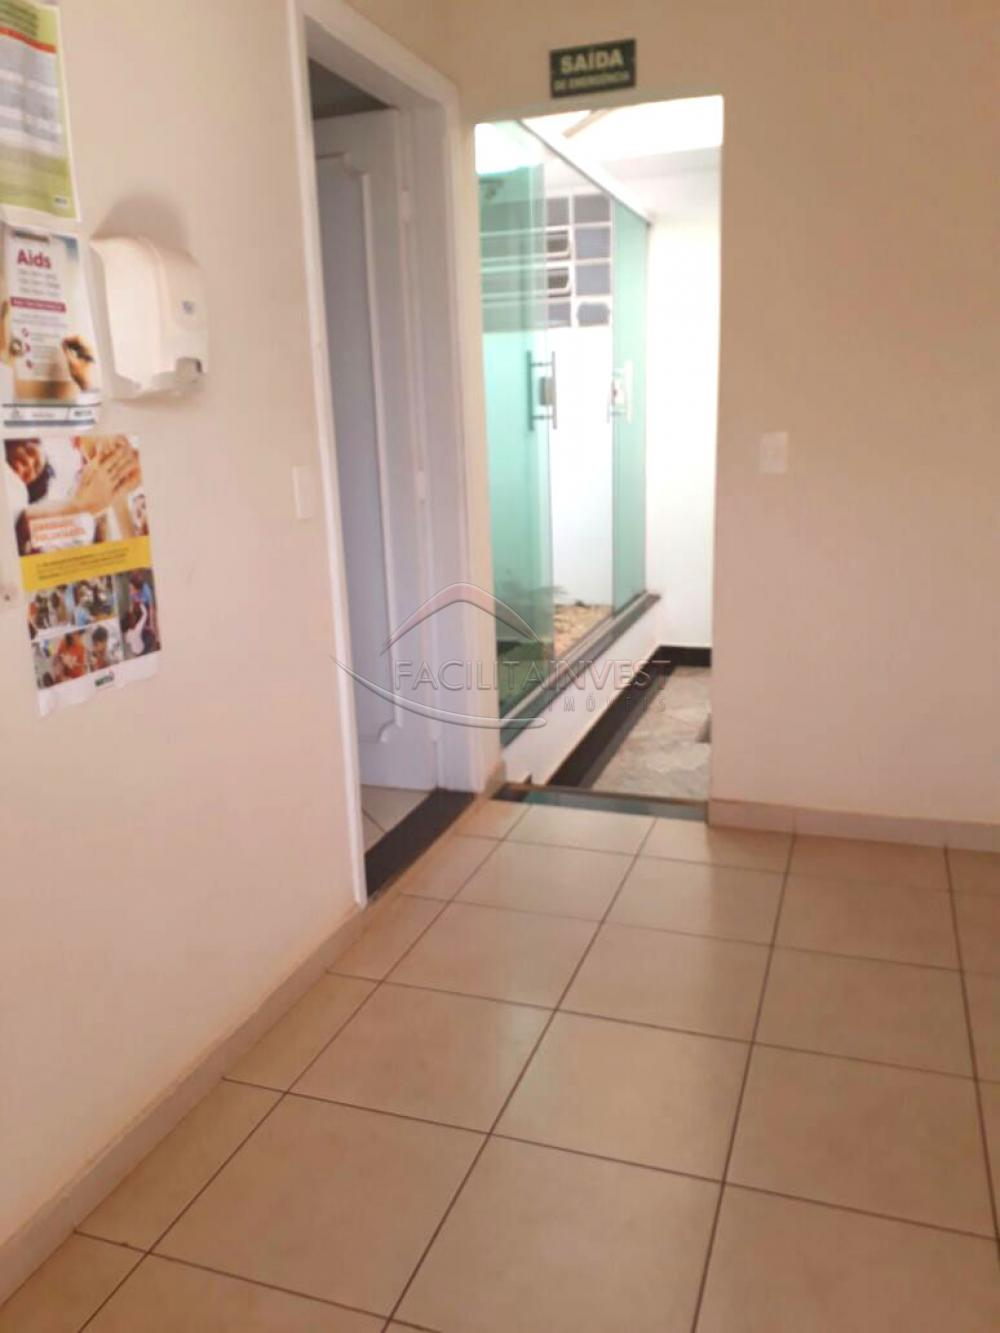 Comprar Casa Padrão / Casa Padrão em Ribeirão Preto apenas R$ 1.600.000,00 - Foto 6